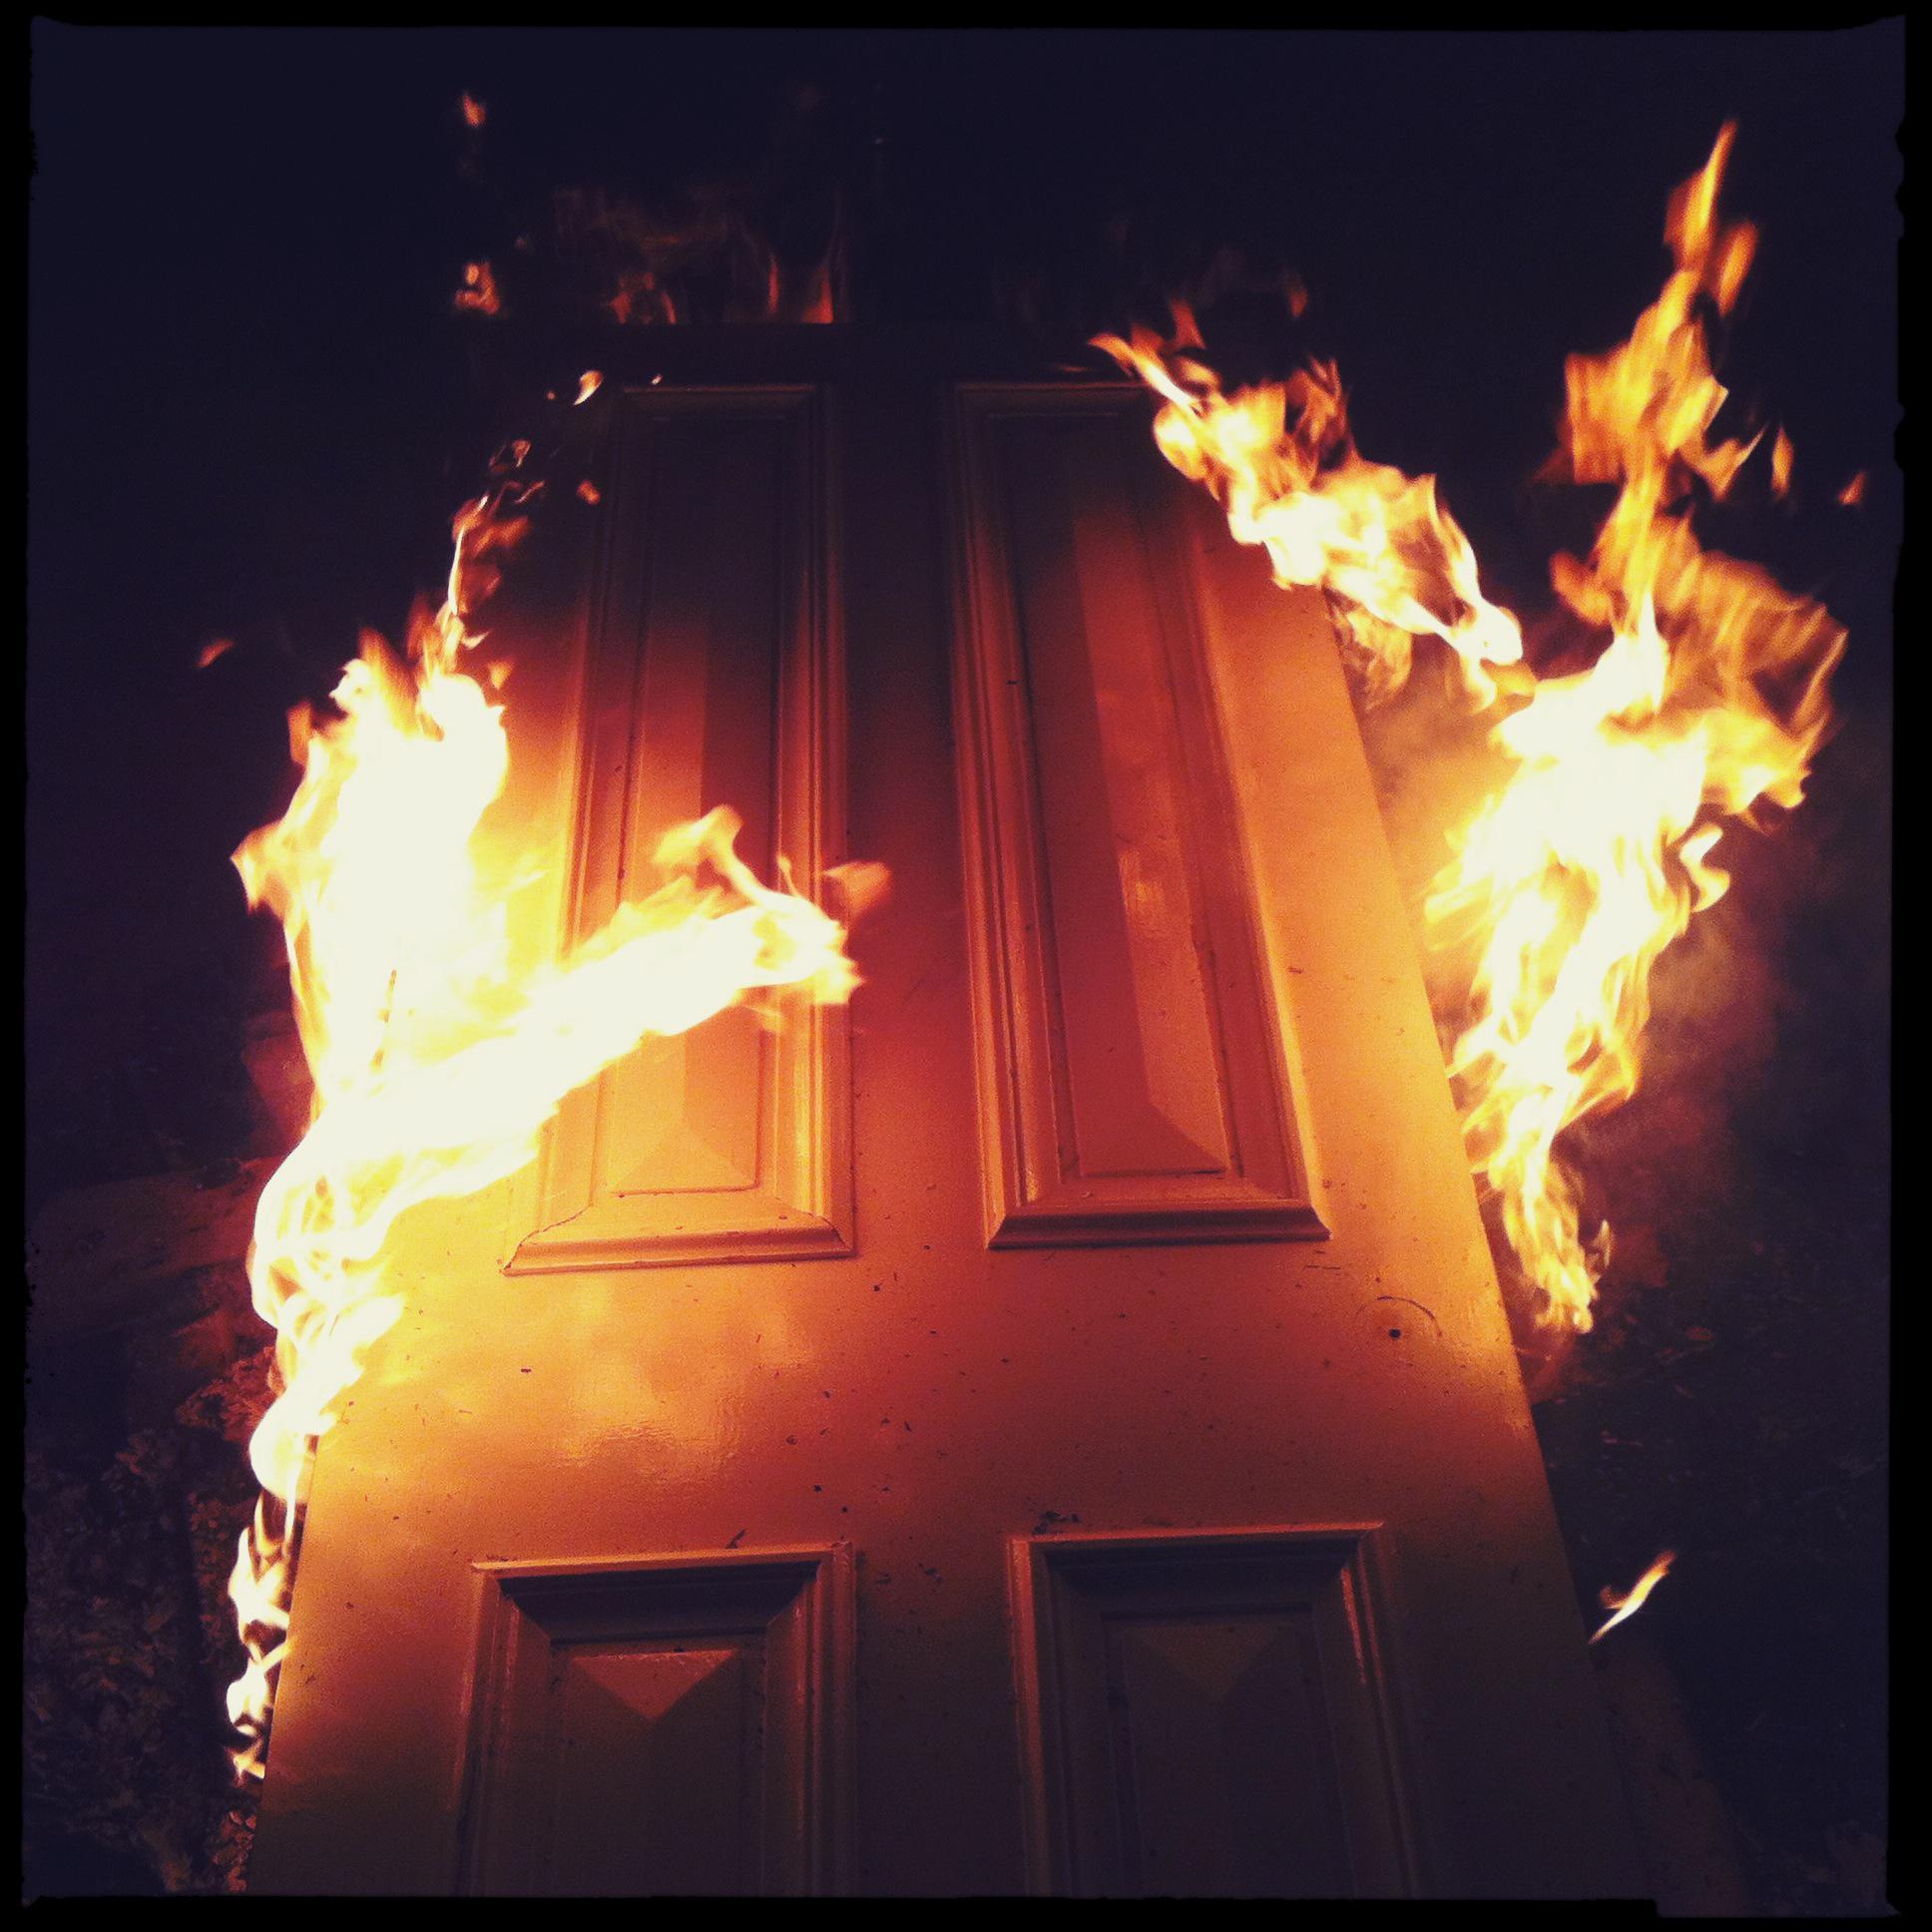 Житель Твери: квартиру я сжечь не хотел, только дверь